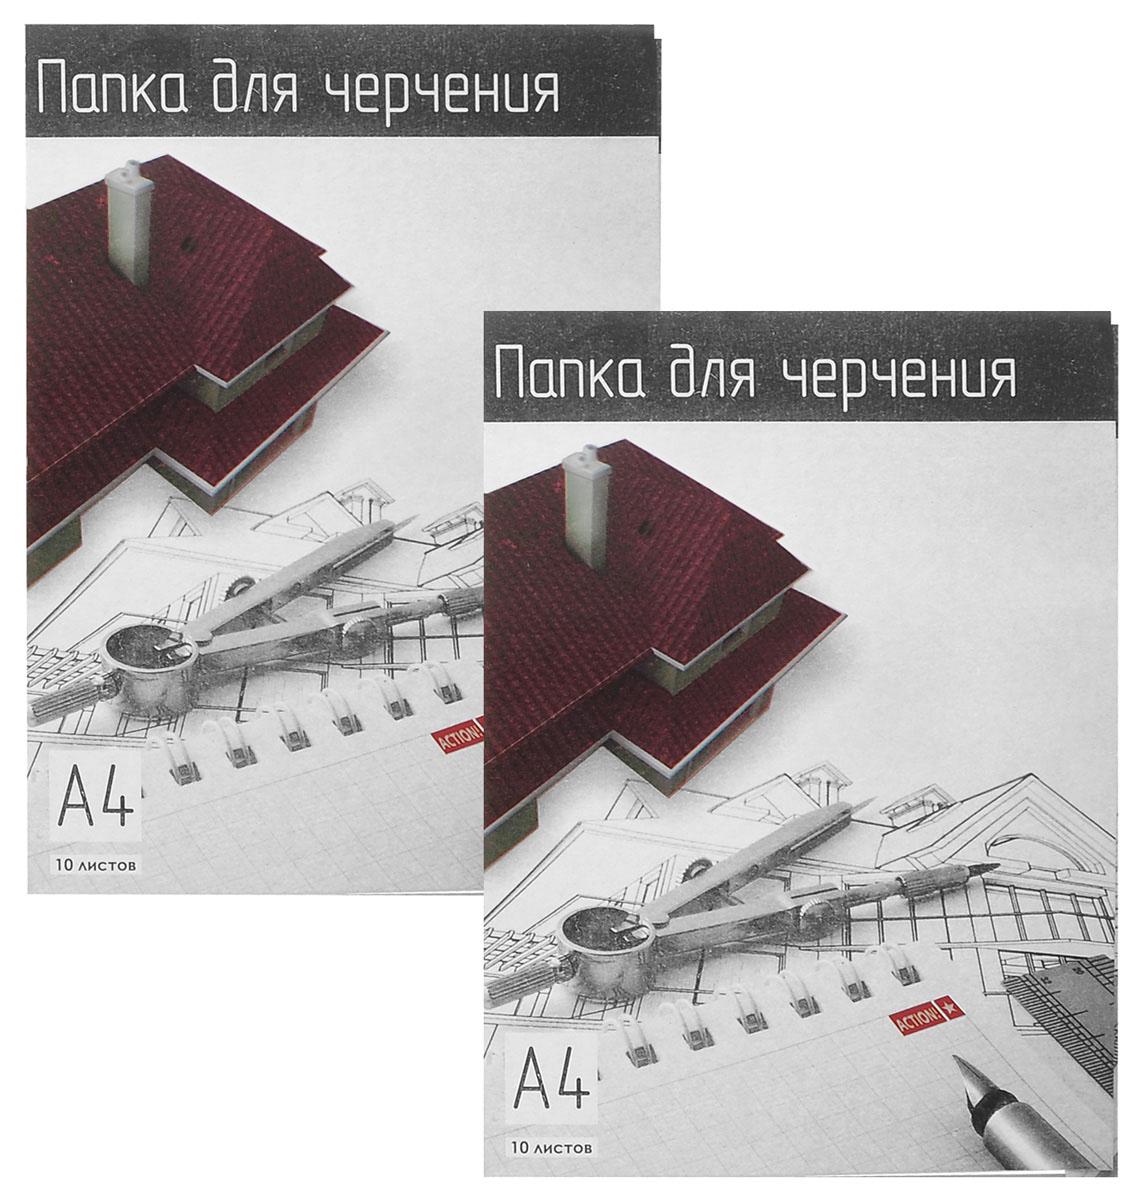 Action! Папка для черчения, 10 листов, формат А4, 2 штAFD-4/10Папка для черчения Action! предназначена как для черчения, так и для работы тушью, карандашами. Бумаги формата А4 плотностью 180 г/м2. Листы упакованы в картонную папку. В наборе представлены 2 папки для черчения по 10 листов.